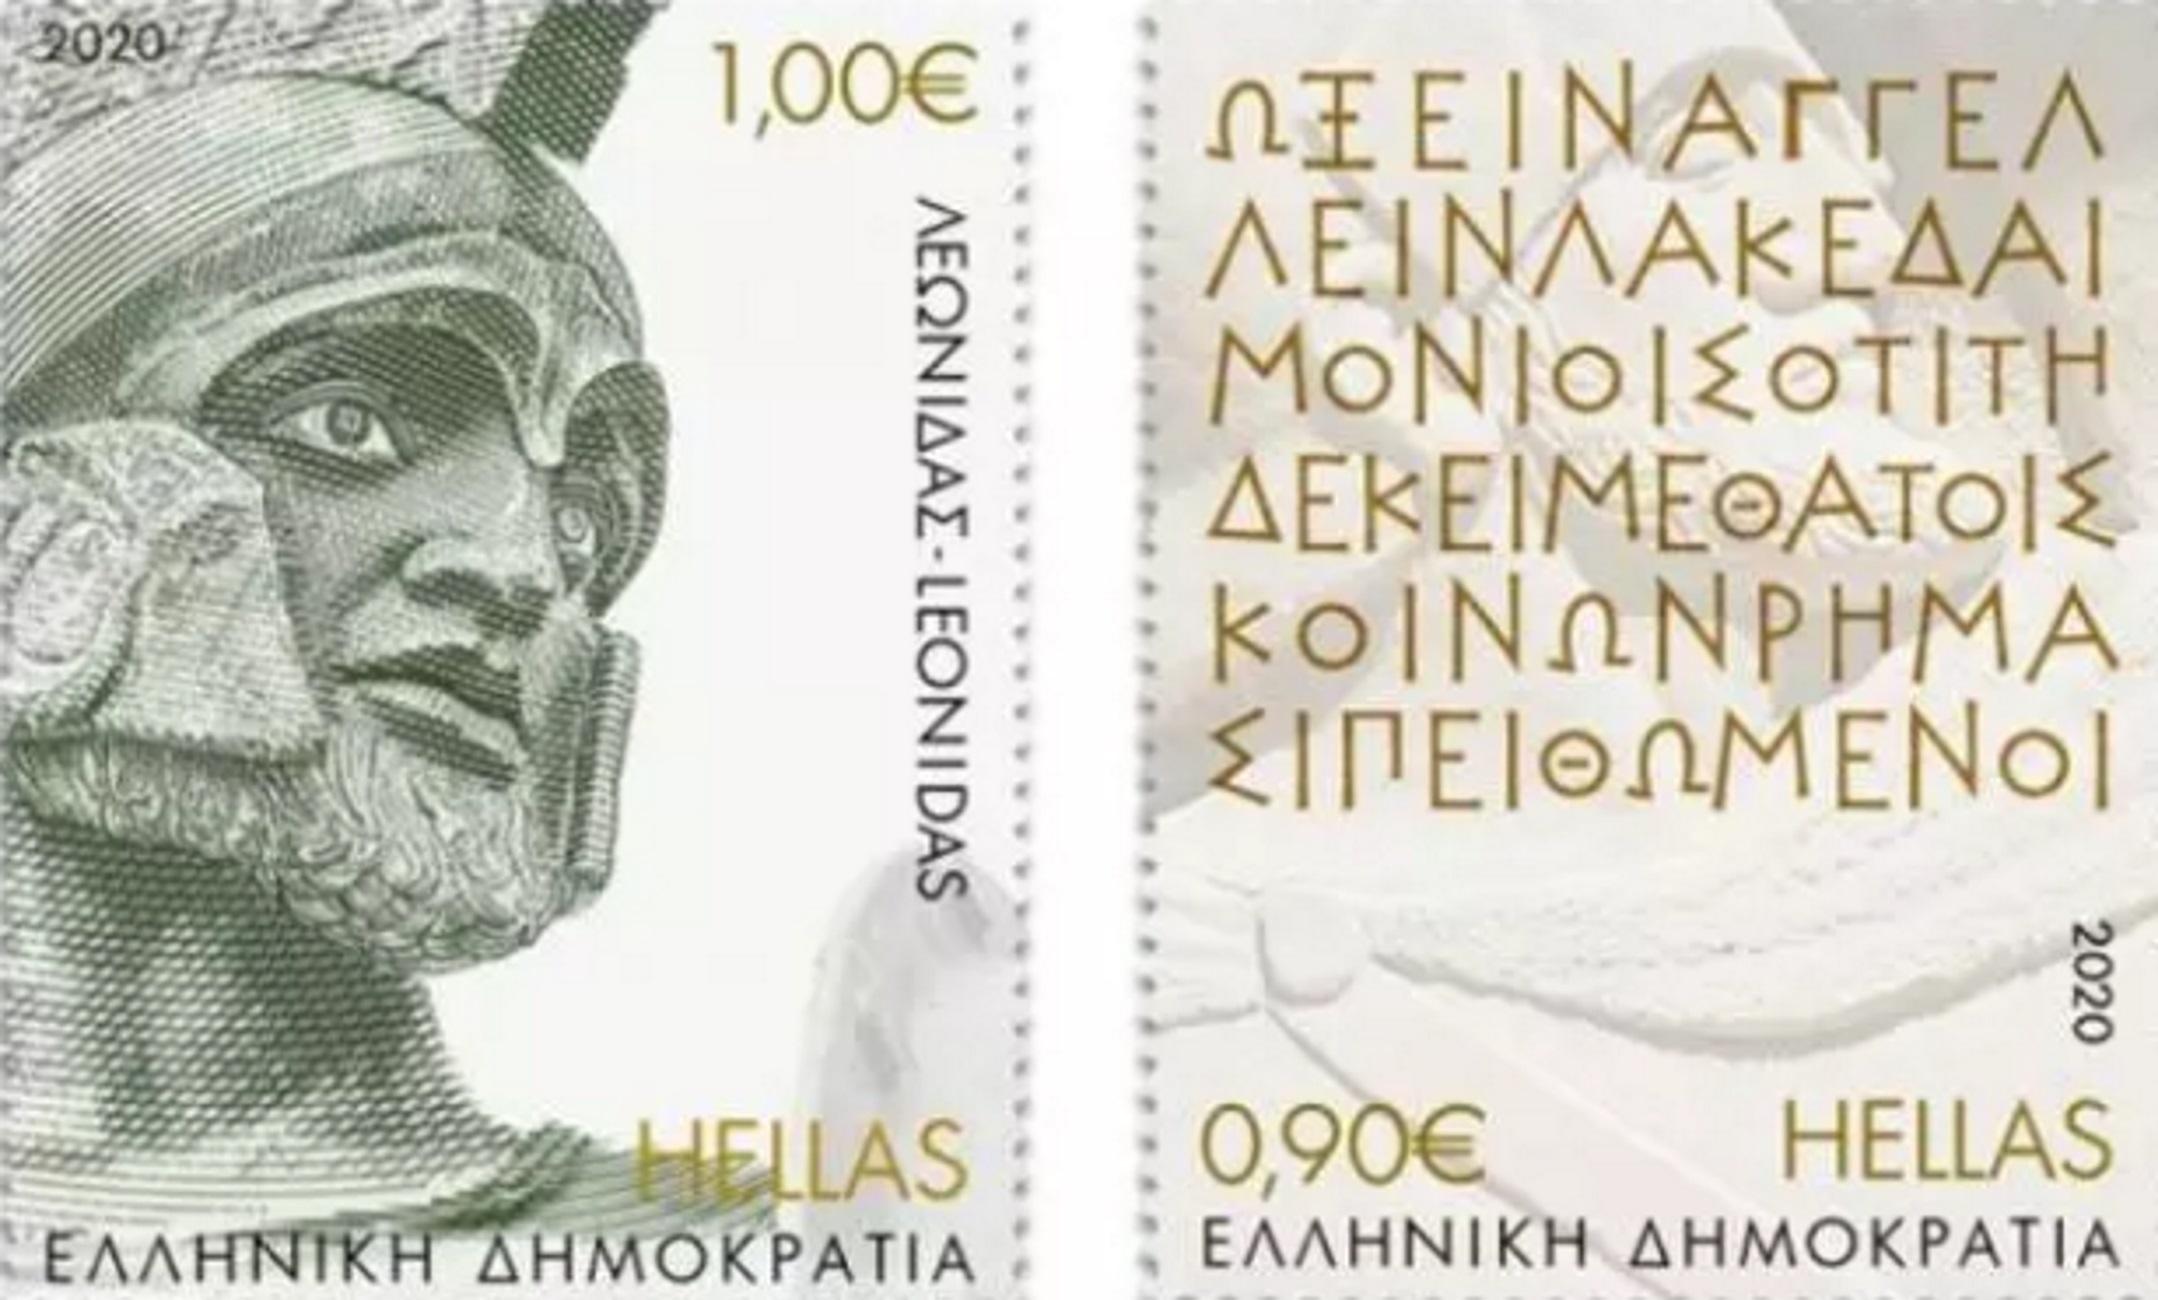 ΕΛΤΑ: Γκάφα με ορθογραφικά λάθη σε γραμματόσημο! Τα έκαναν μούσκεμα για τη Μάχη των Θερμοπυλών (Φωτό)